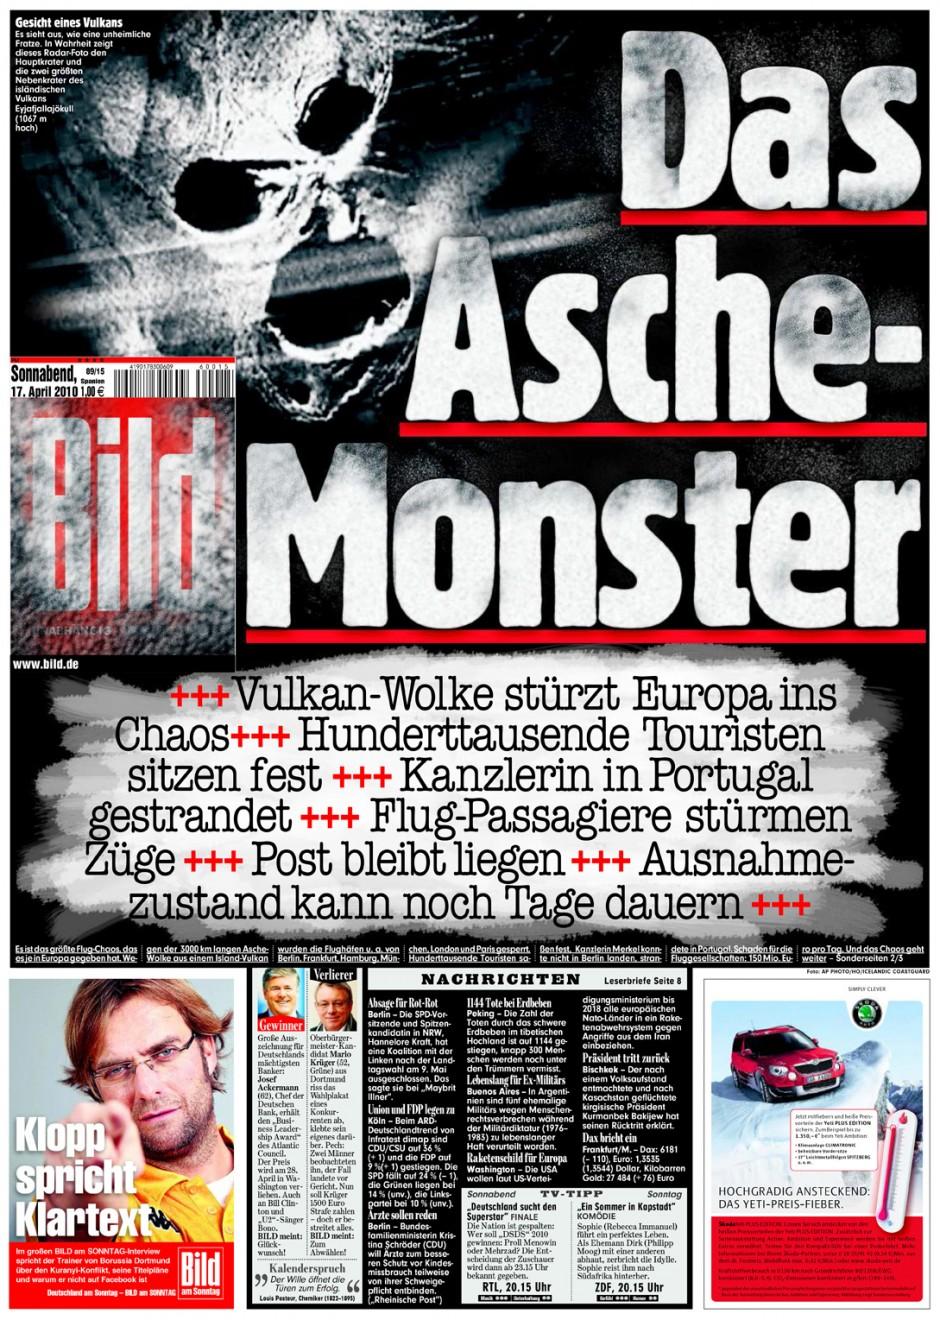 Bilder und Headlinge gehören bei BILD immer zusammen - Titelseite vom 17. April 2010